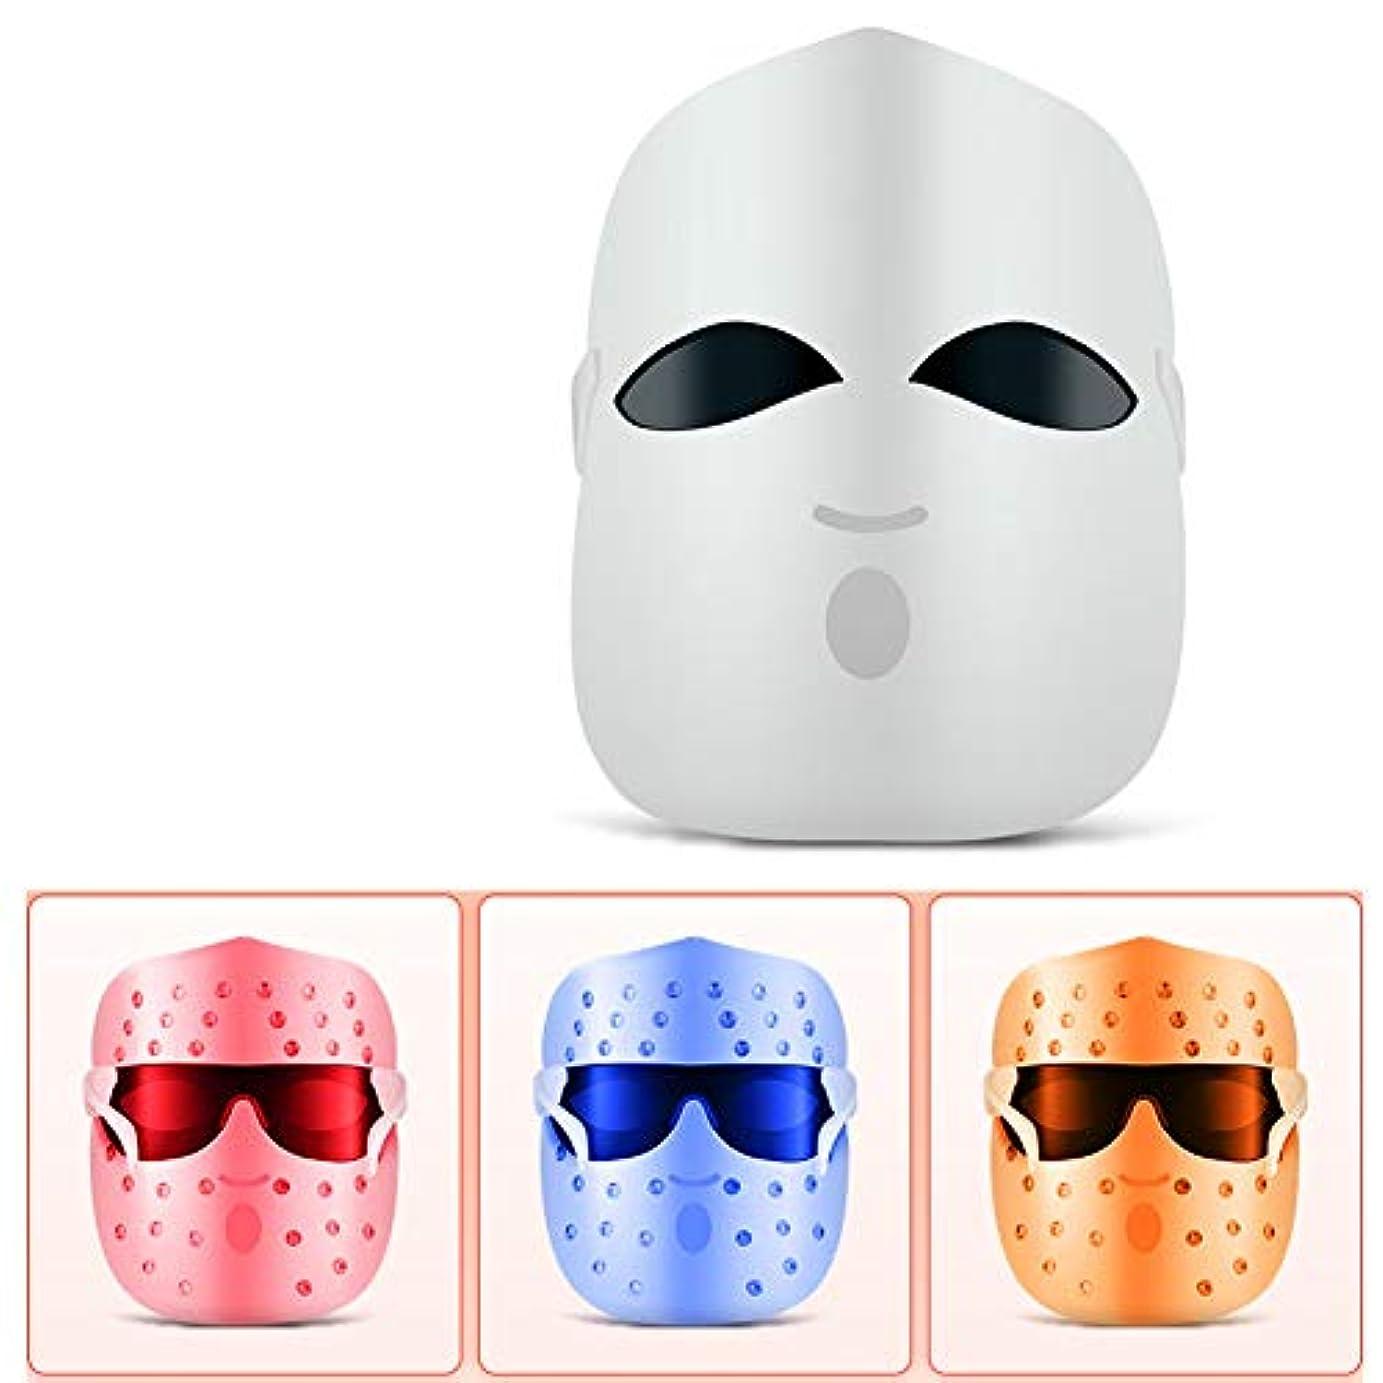 スクランブルピルファーゆりかごフェイスマスク、にきびの治療のための光療法にきびマスク|スポット|にきび|肌のシミ